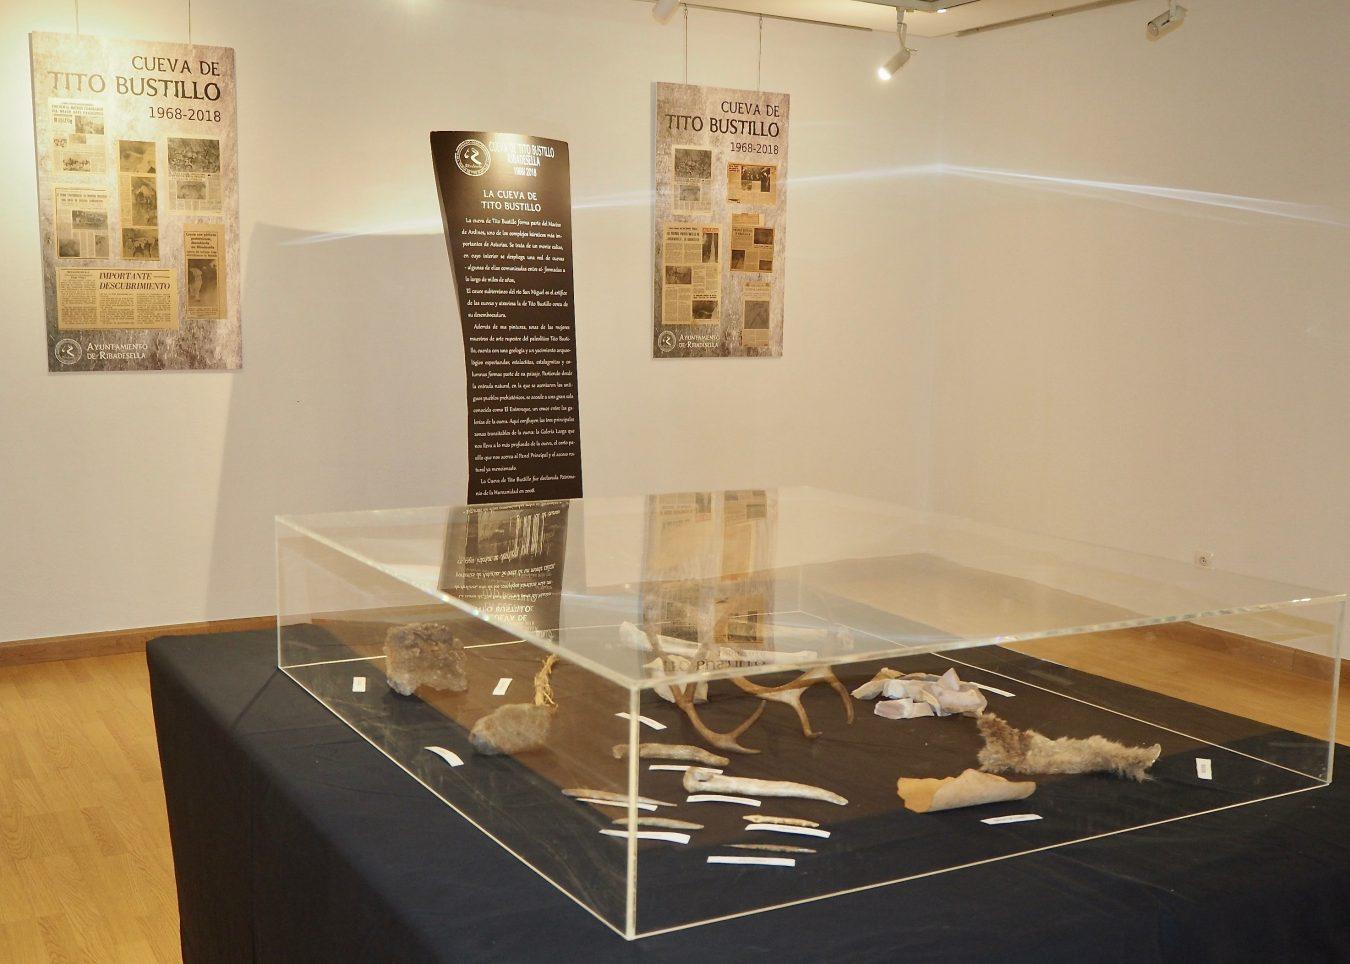 Ribadesella organiza un concierto y una exposición para clausurar el 50º Aniversario de Tito Bustillo